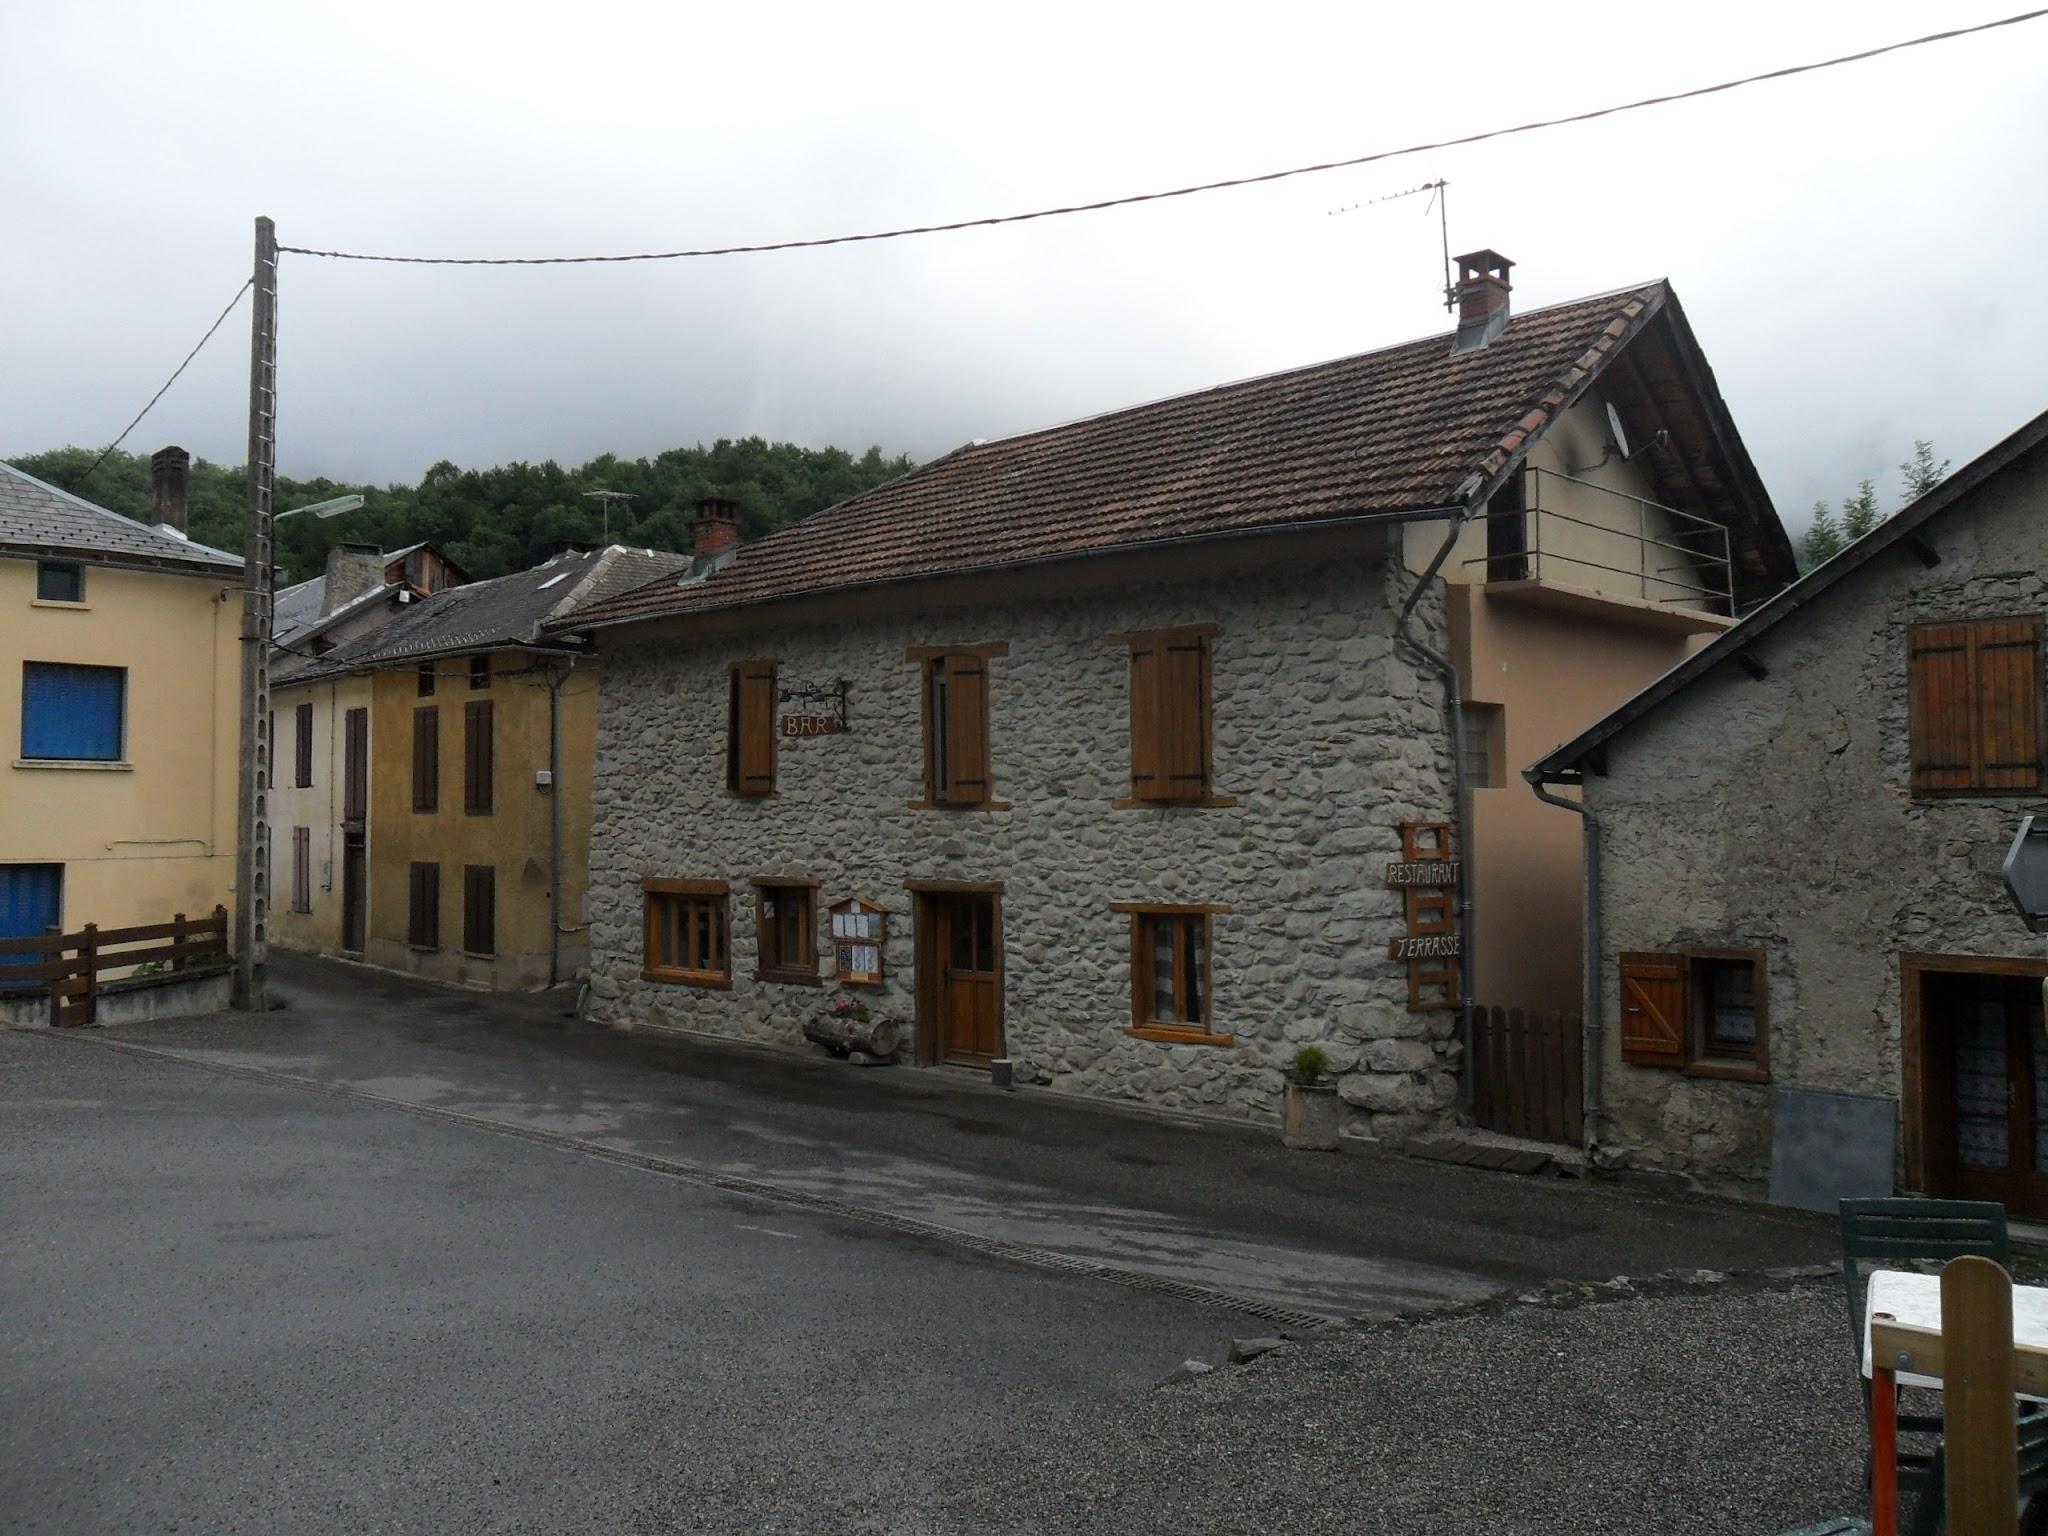 St. Lizier d'Ustou